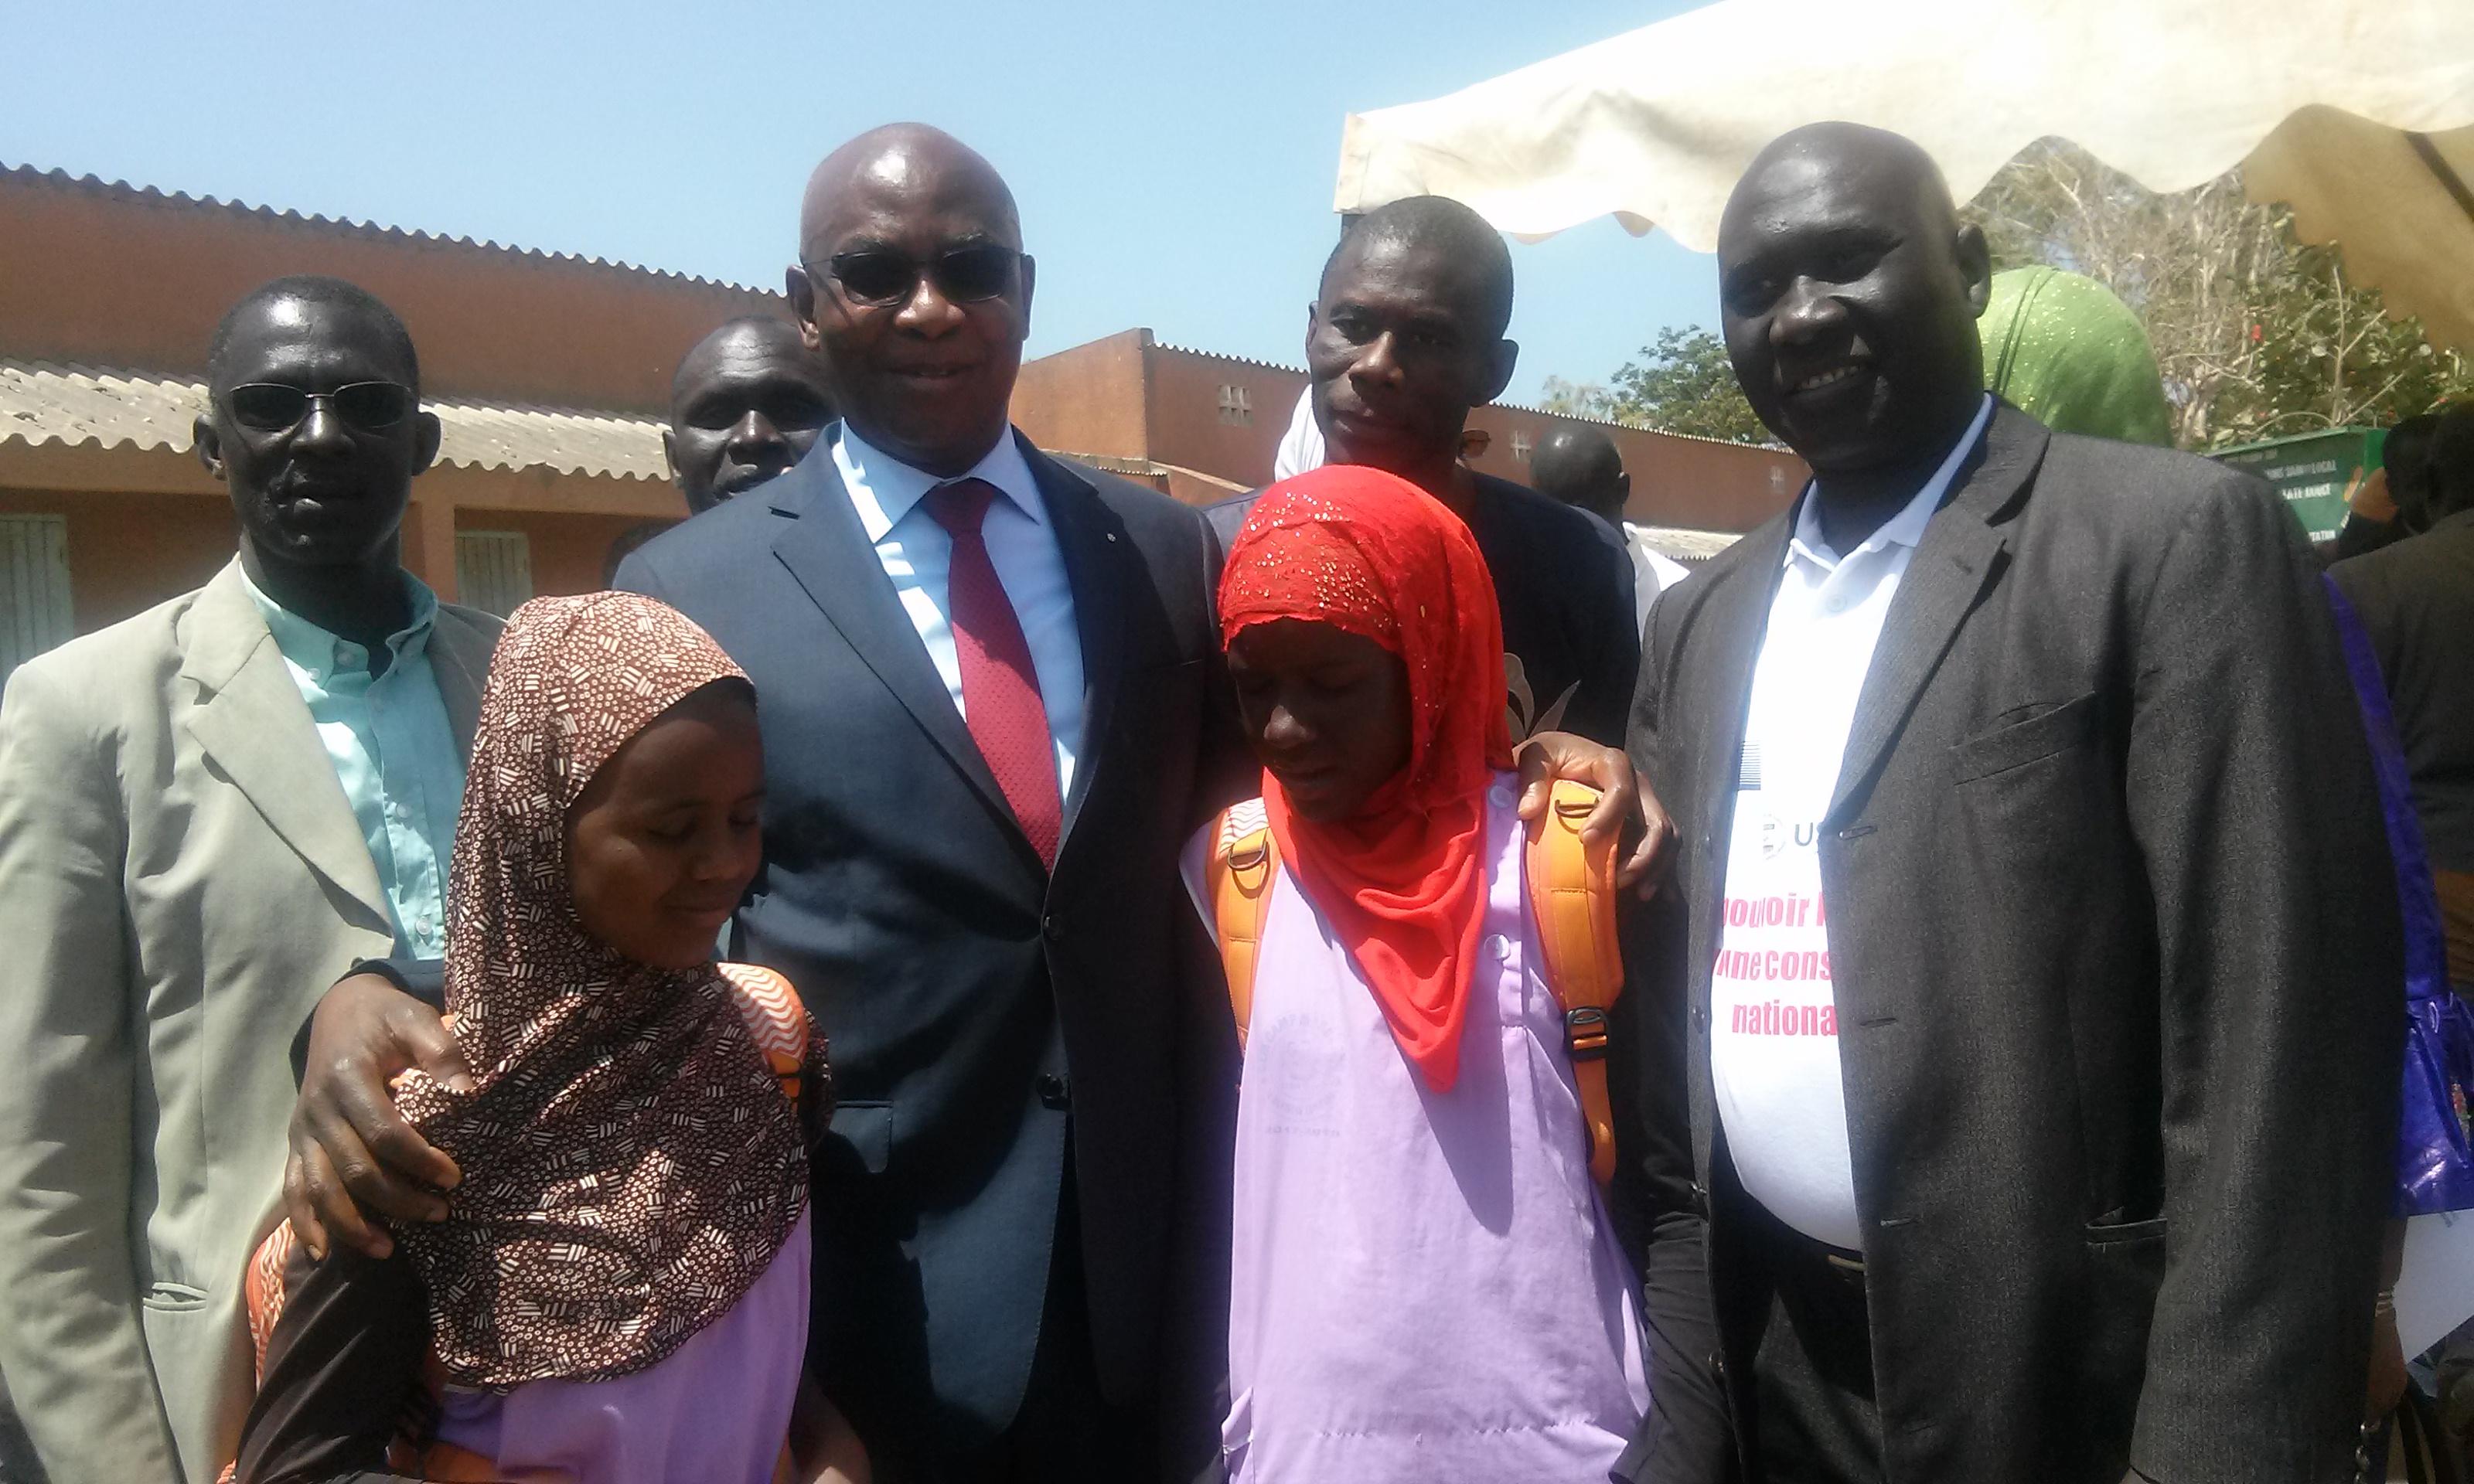 SNEB 2018 : « Tous les enfants du Sénégal, quel que soit leur situation, doivent pouvoir bénéficier d'une éducation… » (Serigne M. Thiam. Ministre)